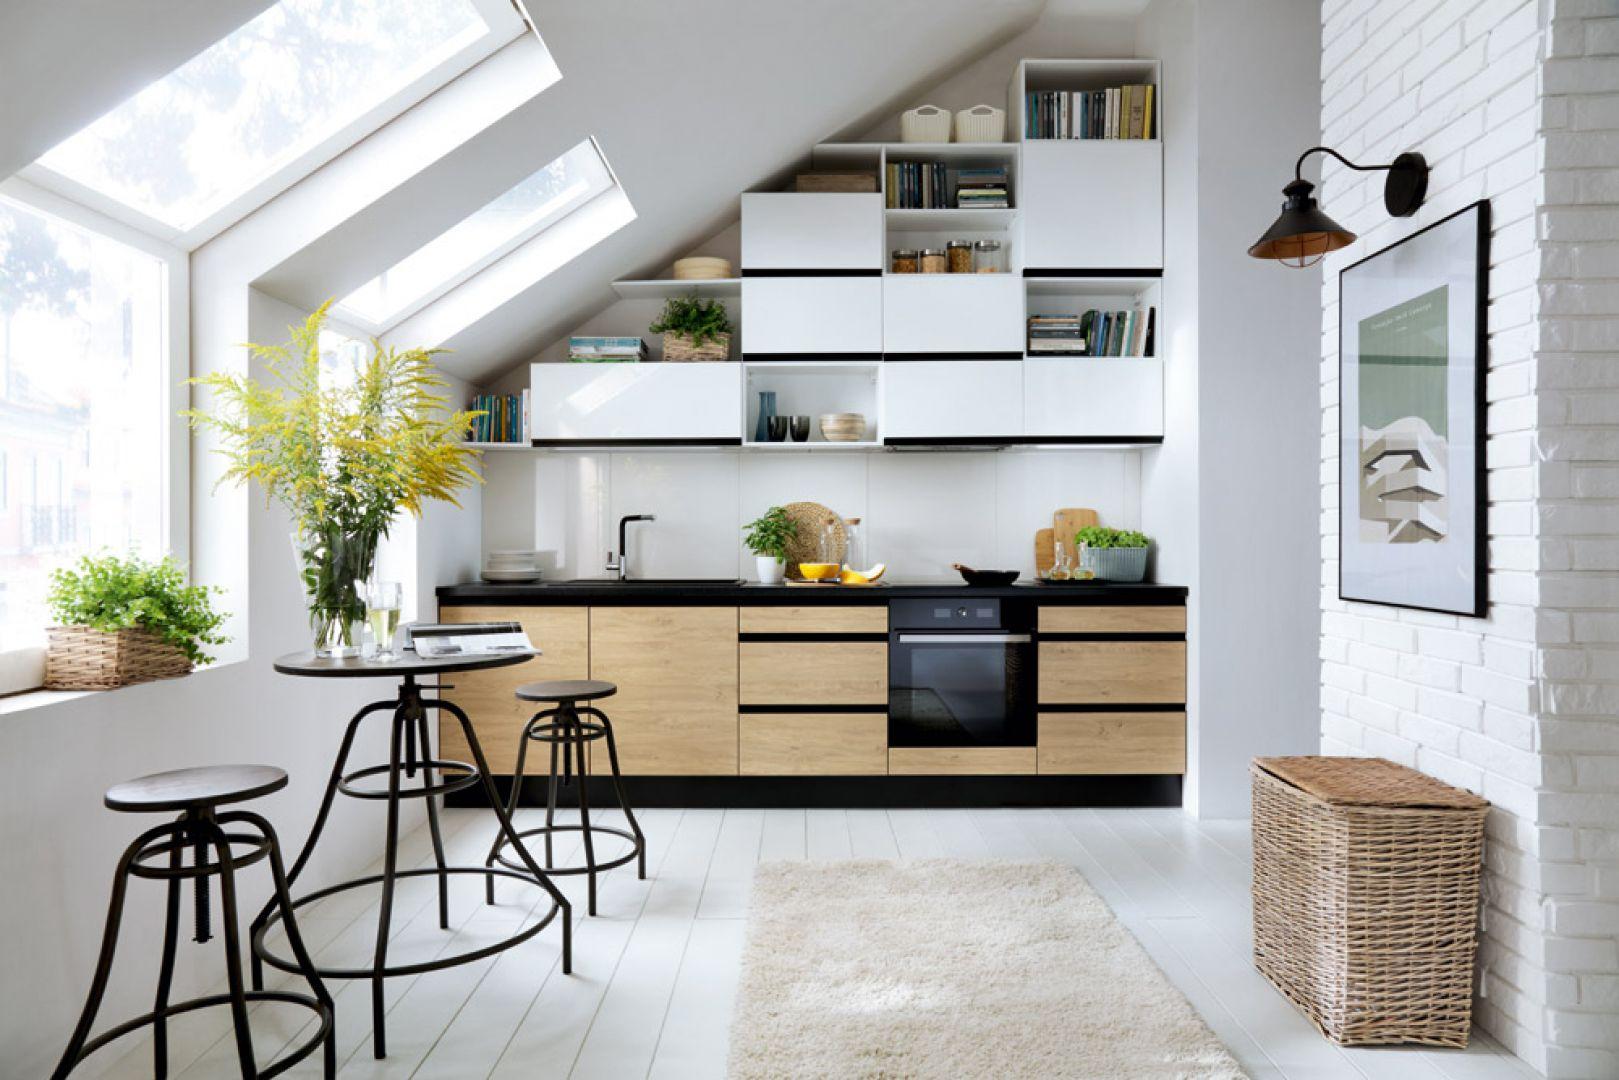 Bałagan powstaje wtedy, kiedy przedmioty nie mają swojego miejsca. Szczególnie w kuchni warto zadbać o odpowiednią ilość szafek do przechowywania. Fot. Black Red White